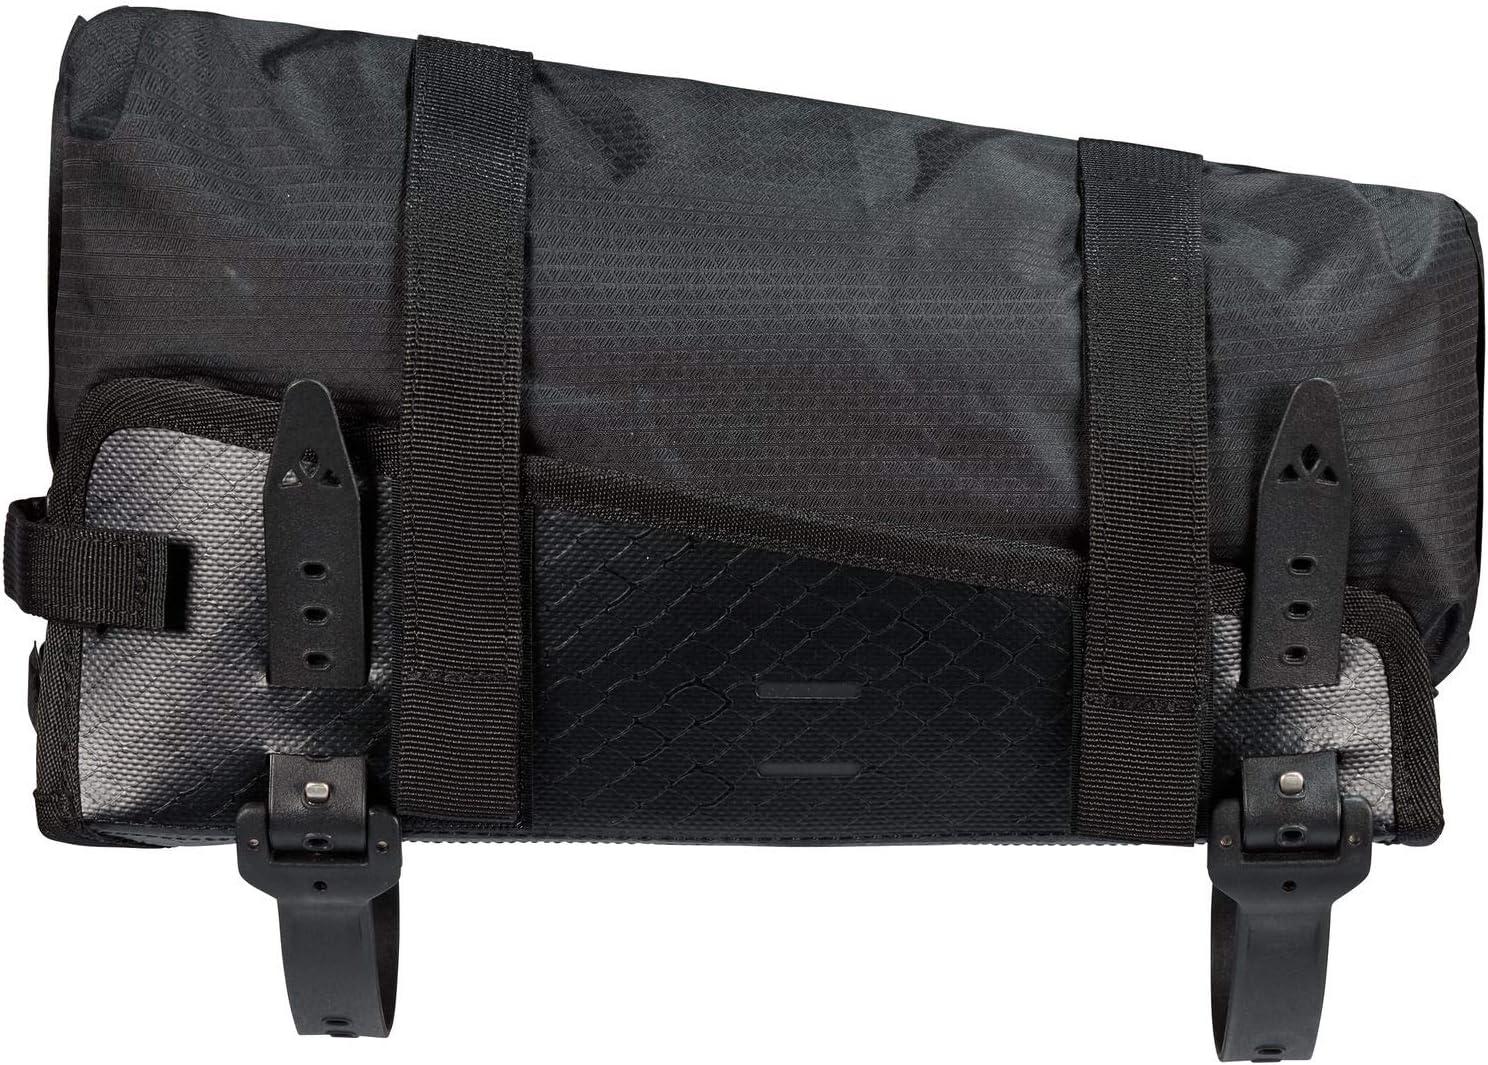 Black Uni 5 litros 12 cm Vaude Trailguide Bolsa estanca